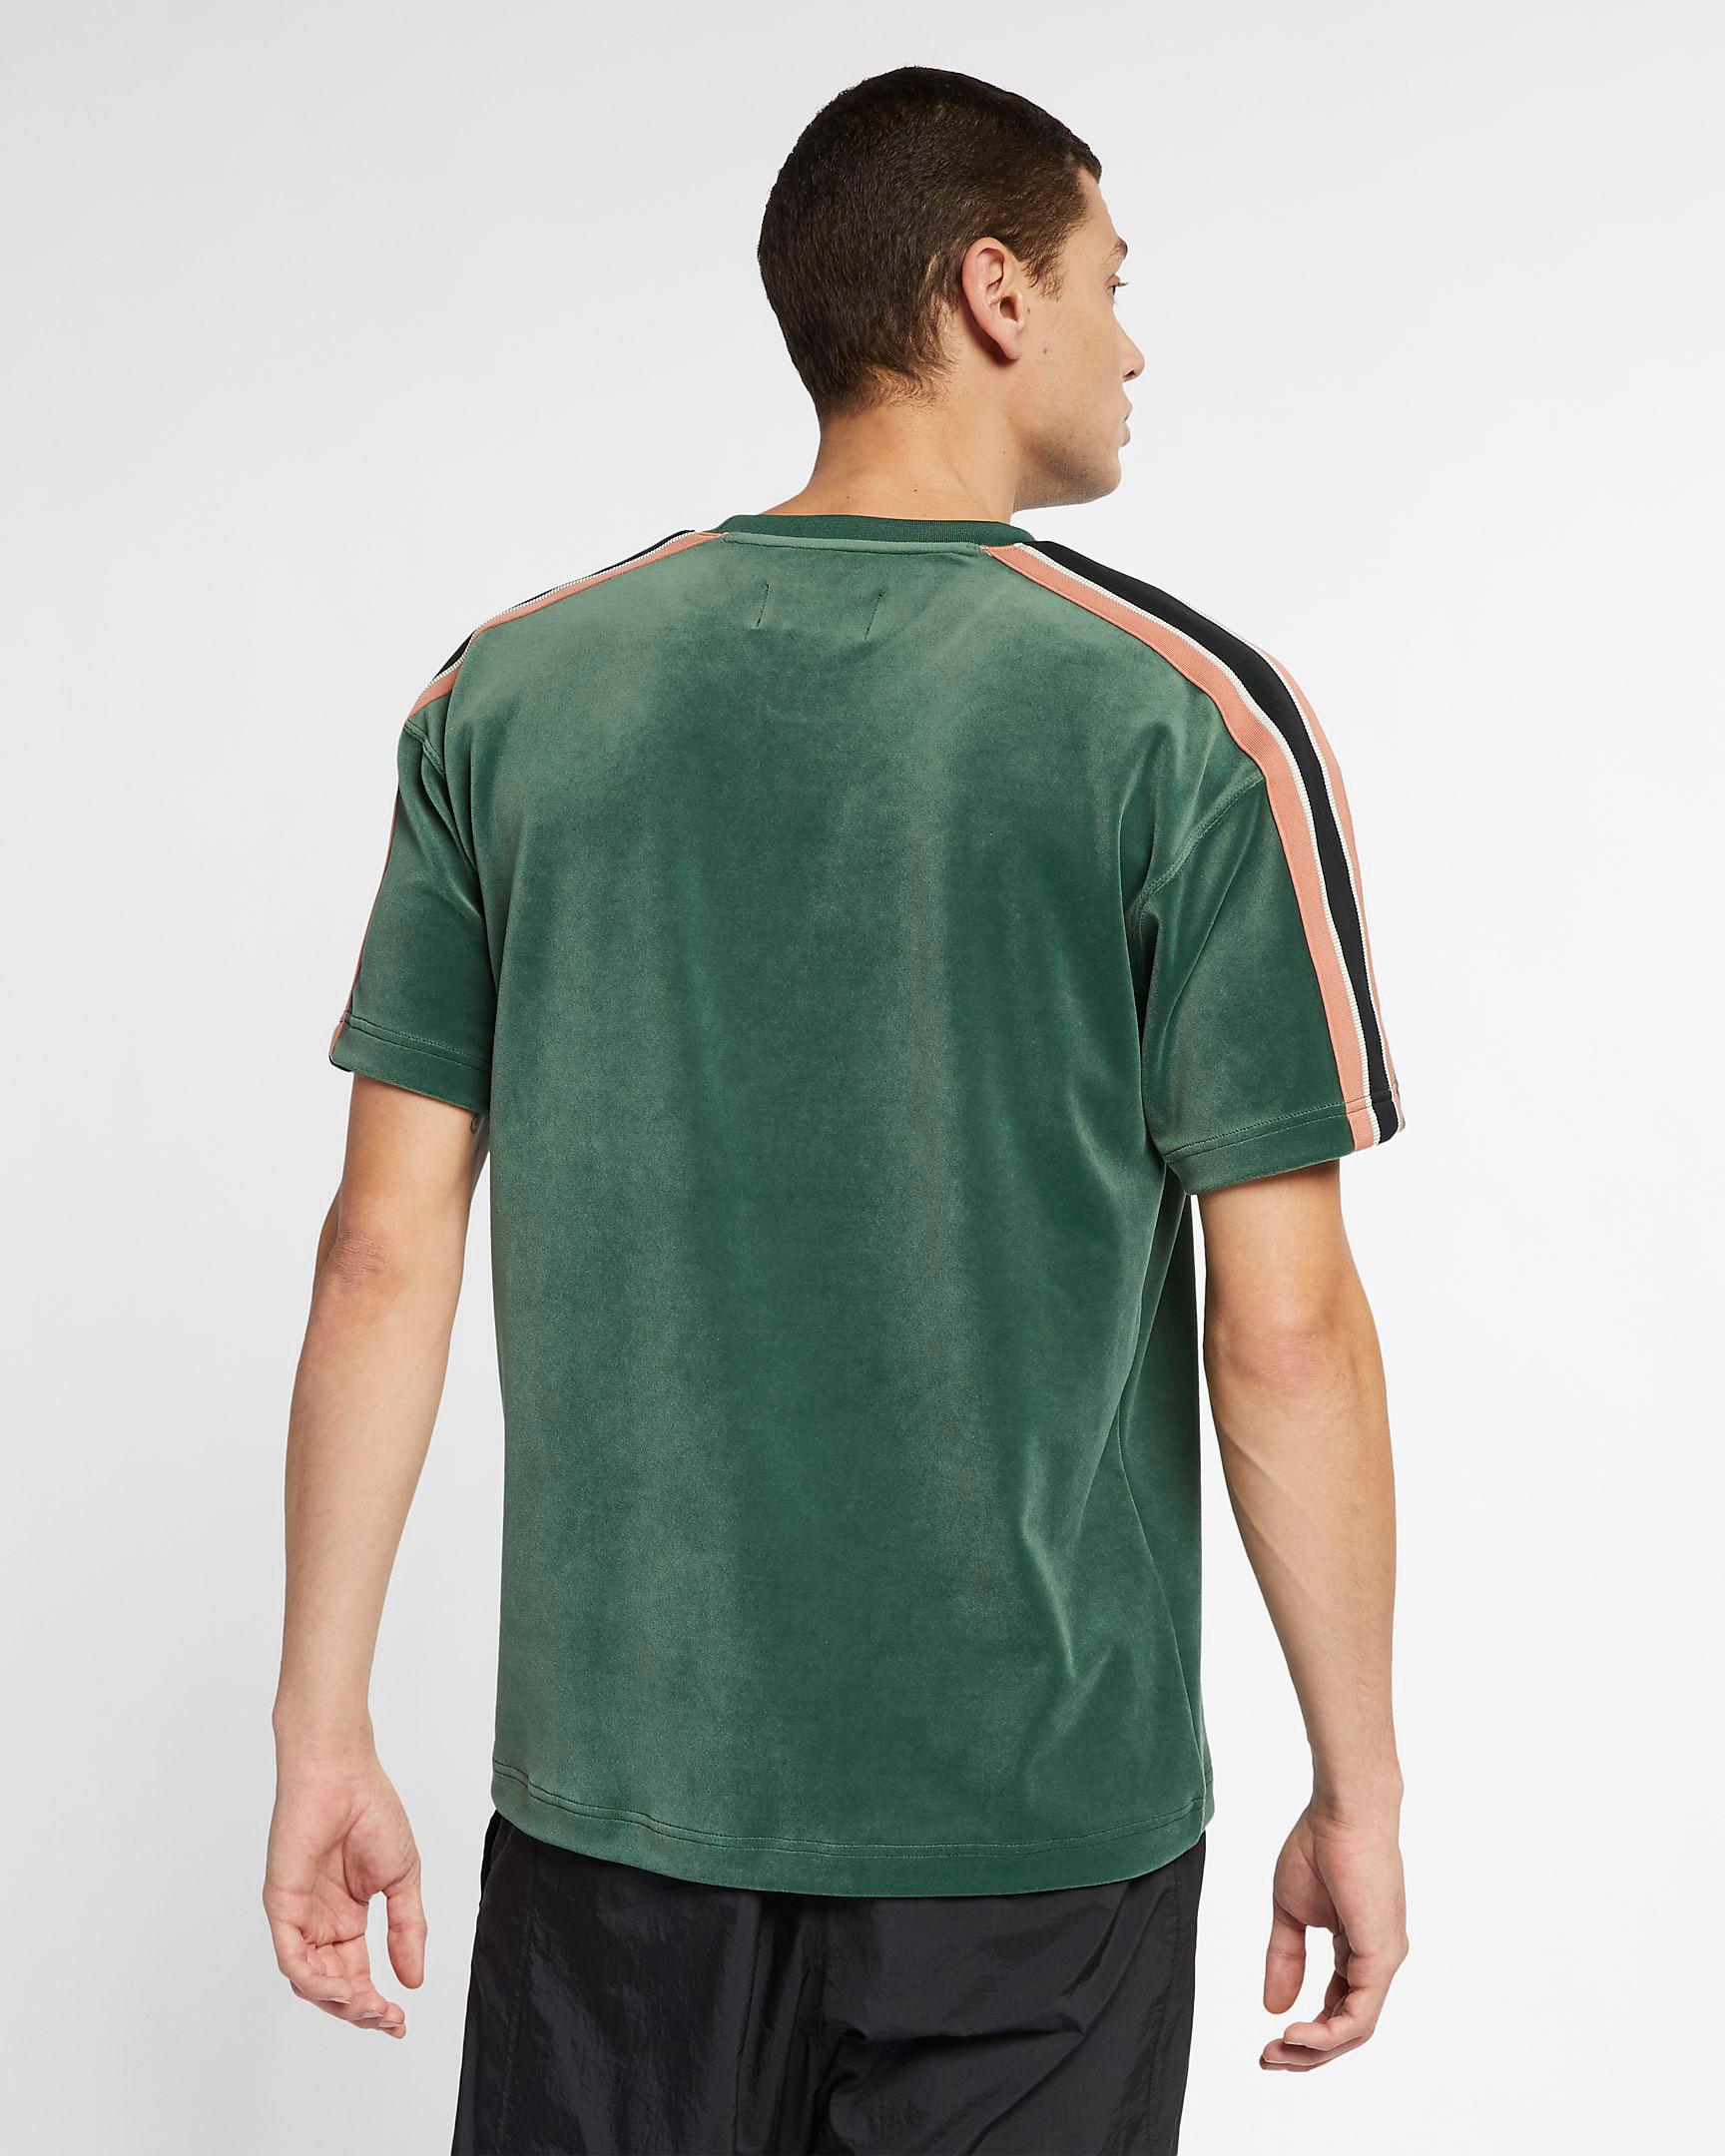 jordan-1-crimson-tint-matching-shirt-2